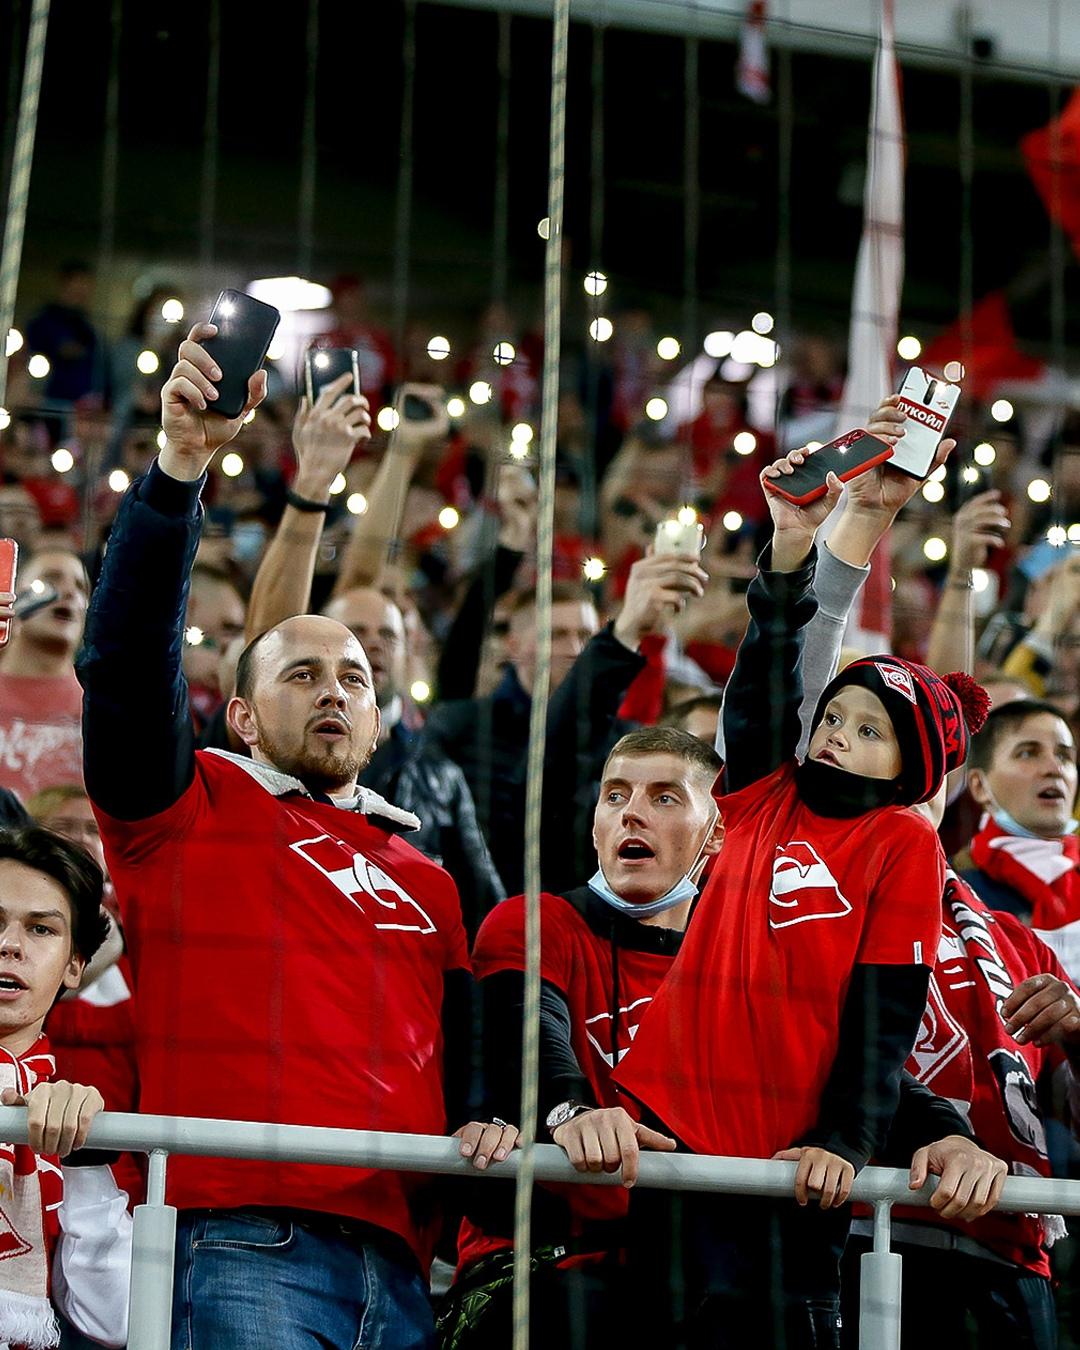 Наказание «Спартака» – несправедливость. Либо закрывайте все стадионы, либо не трогайте никого - фото